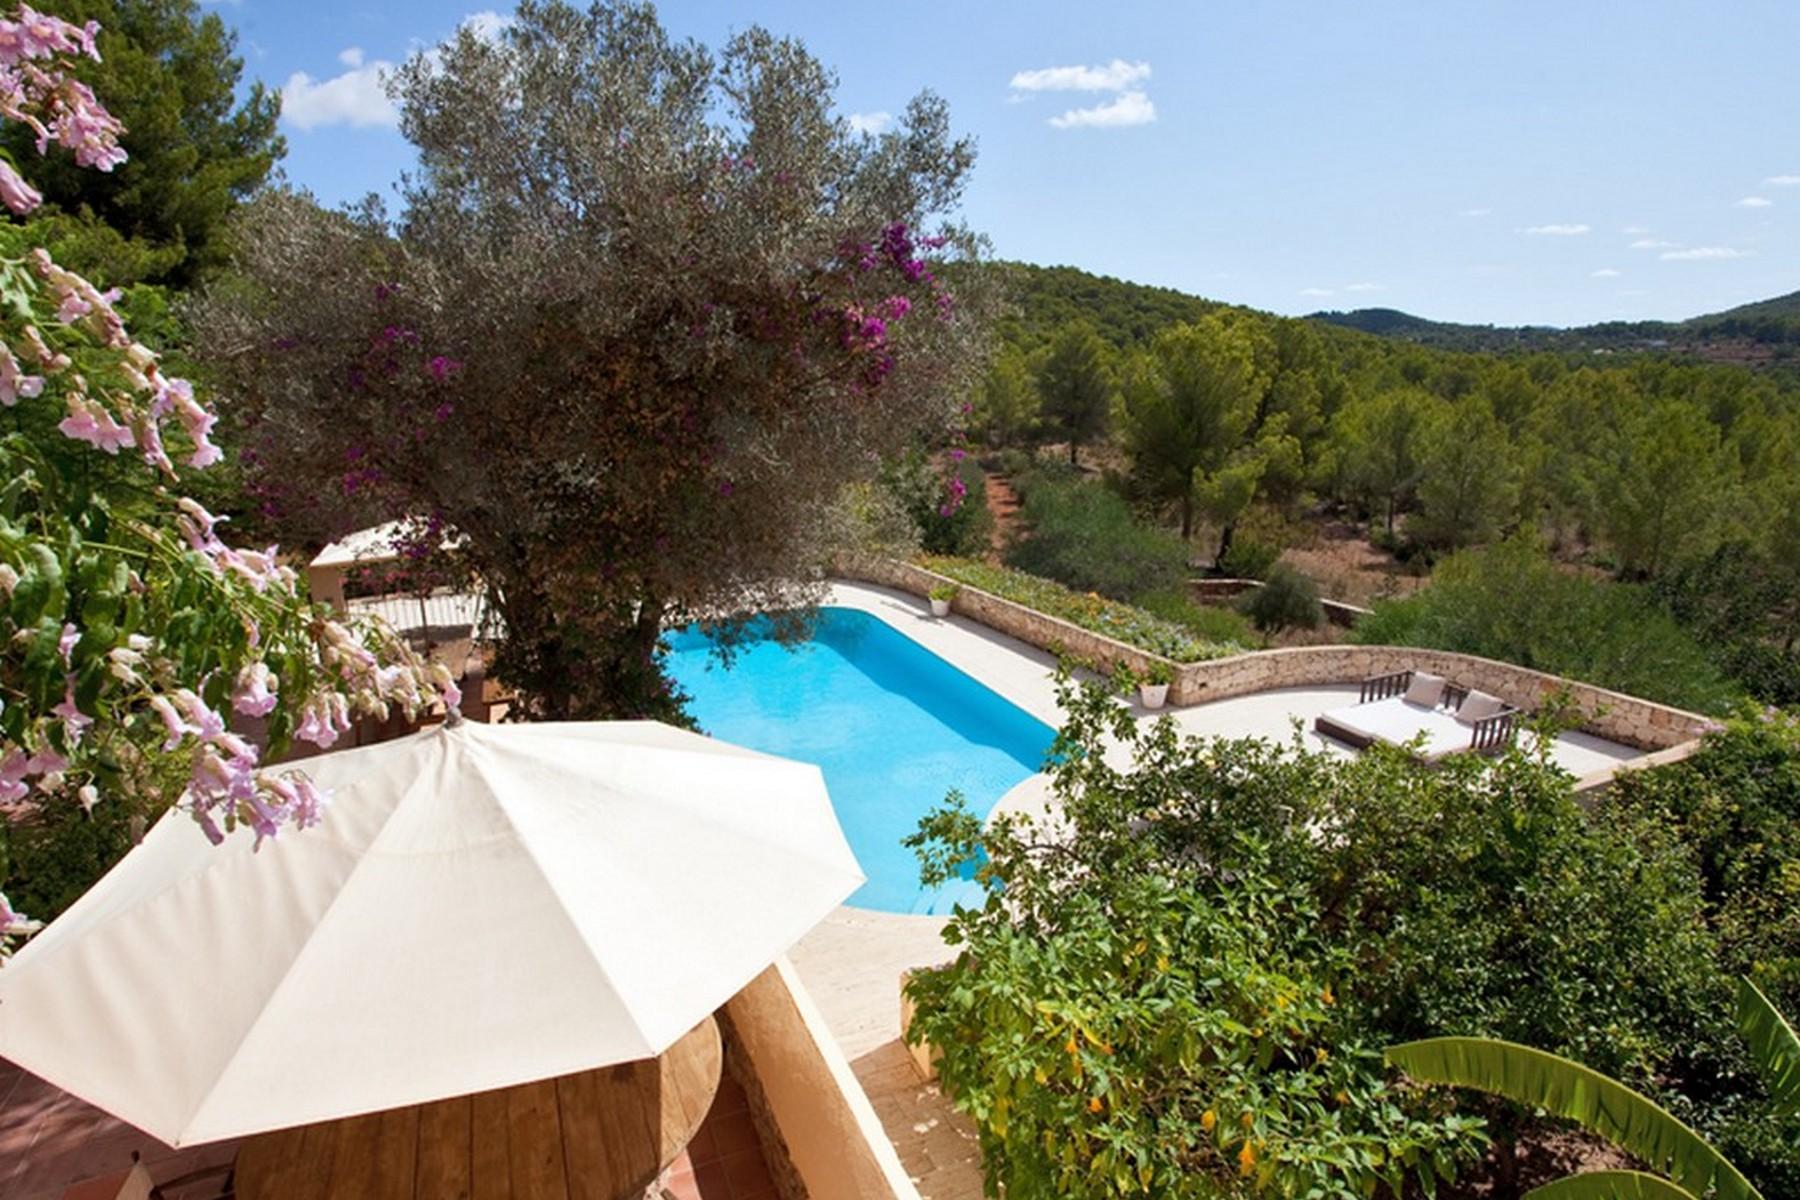 Частный односемейный дом для того Продажа на Country Finca Estate With Adjacent Staff House Ibiza, Ивиса, 07819 Испания